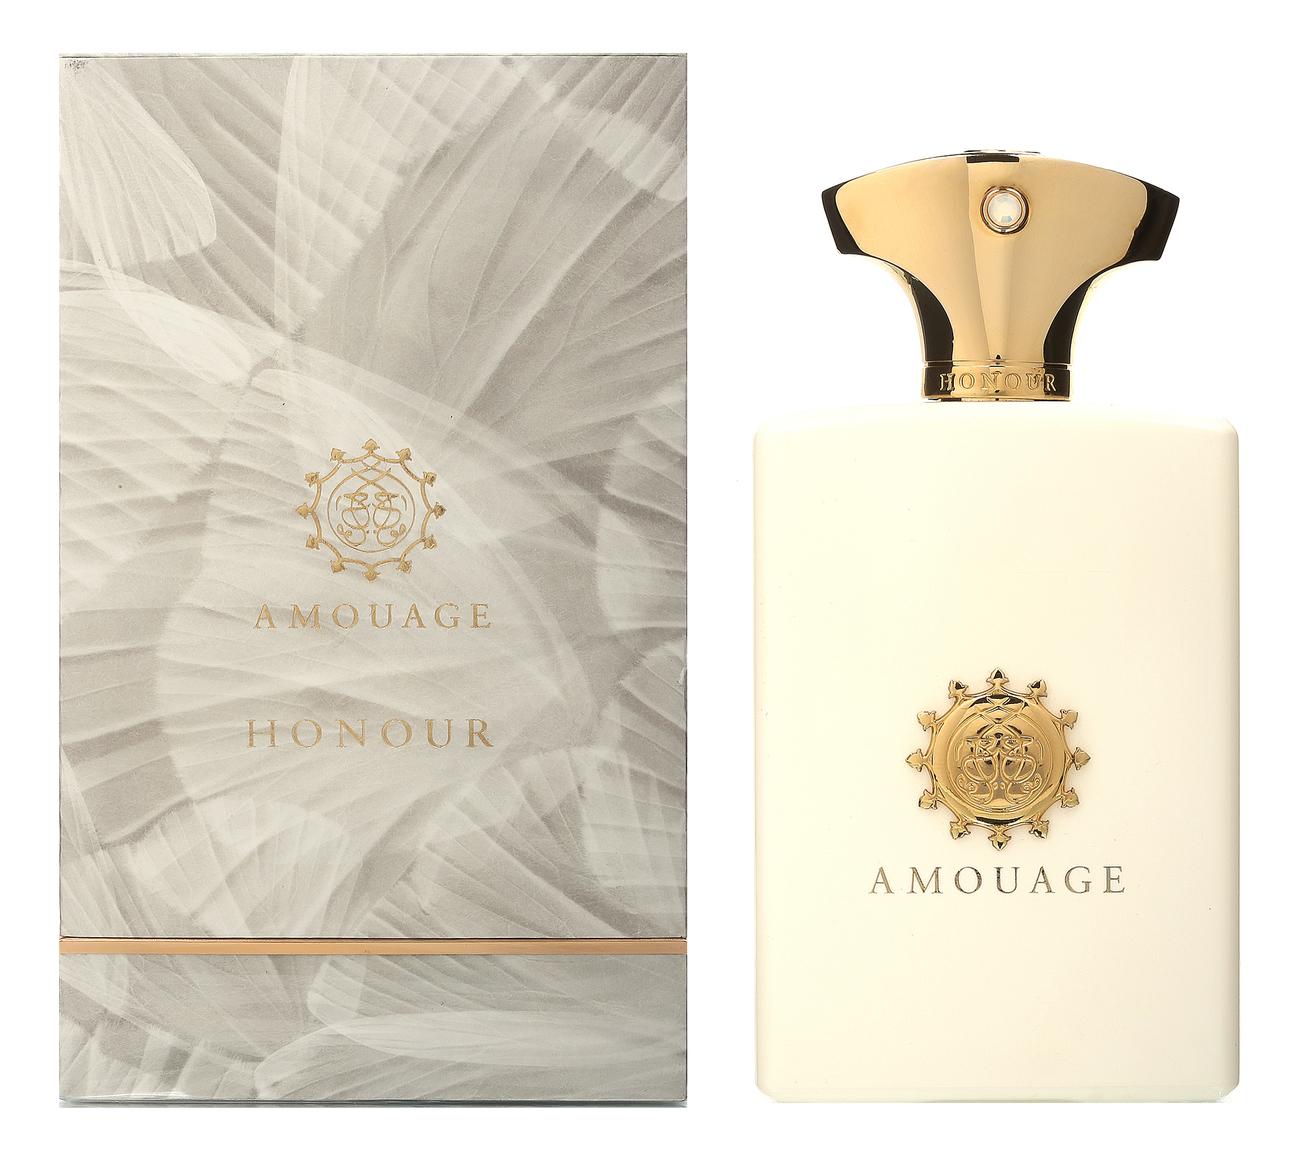 Купить Honour for men: парфюмерная вода 50мл, Amouage